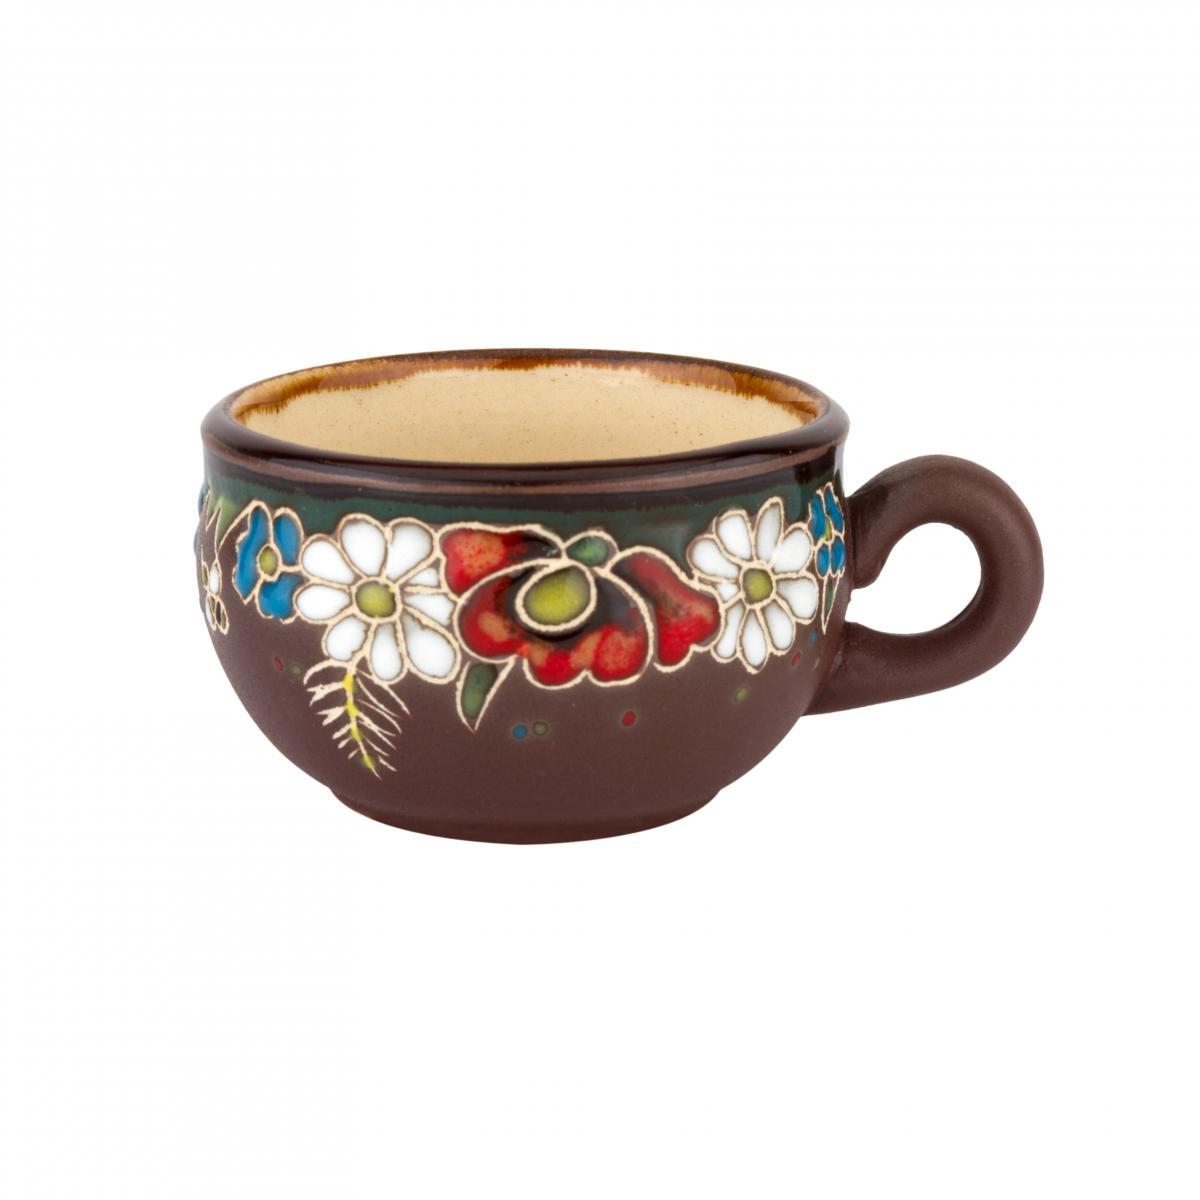 Кофейная чашка – 120 мл. Фото №1. | Народный дом Украина